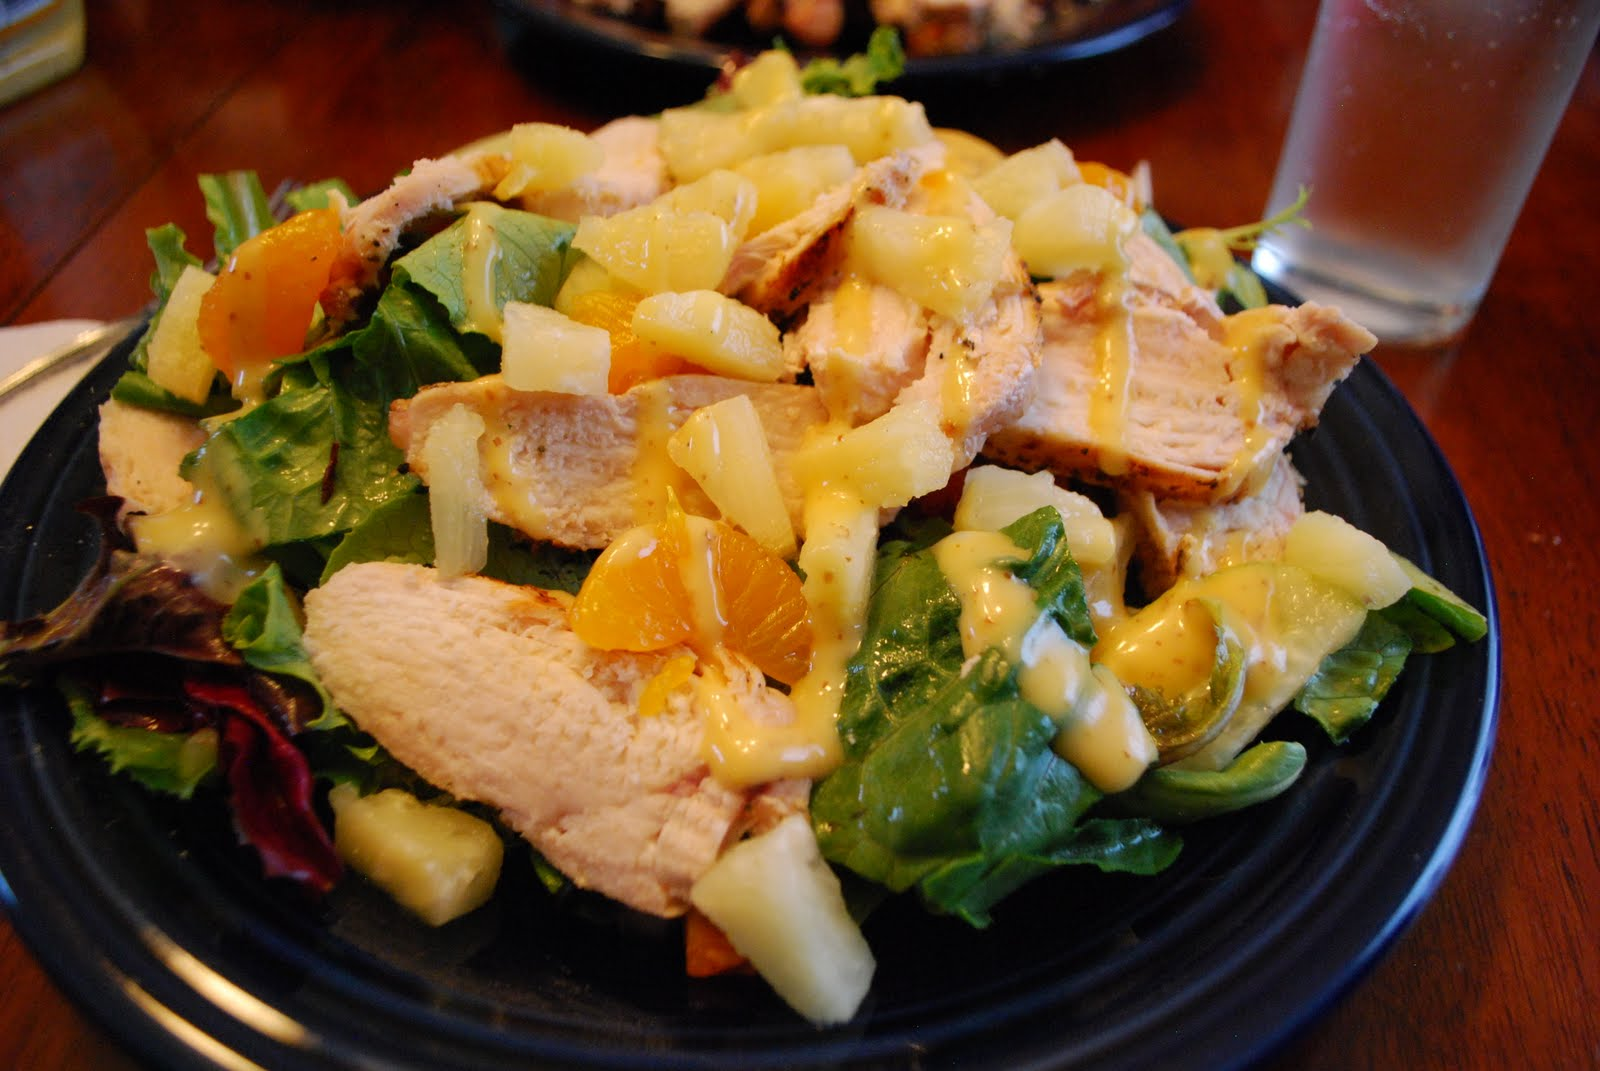 Caribbean Salads Ready To Go: Souplantation/Sweet Tomatoes Copycat Recipes